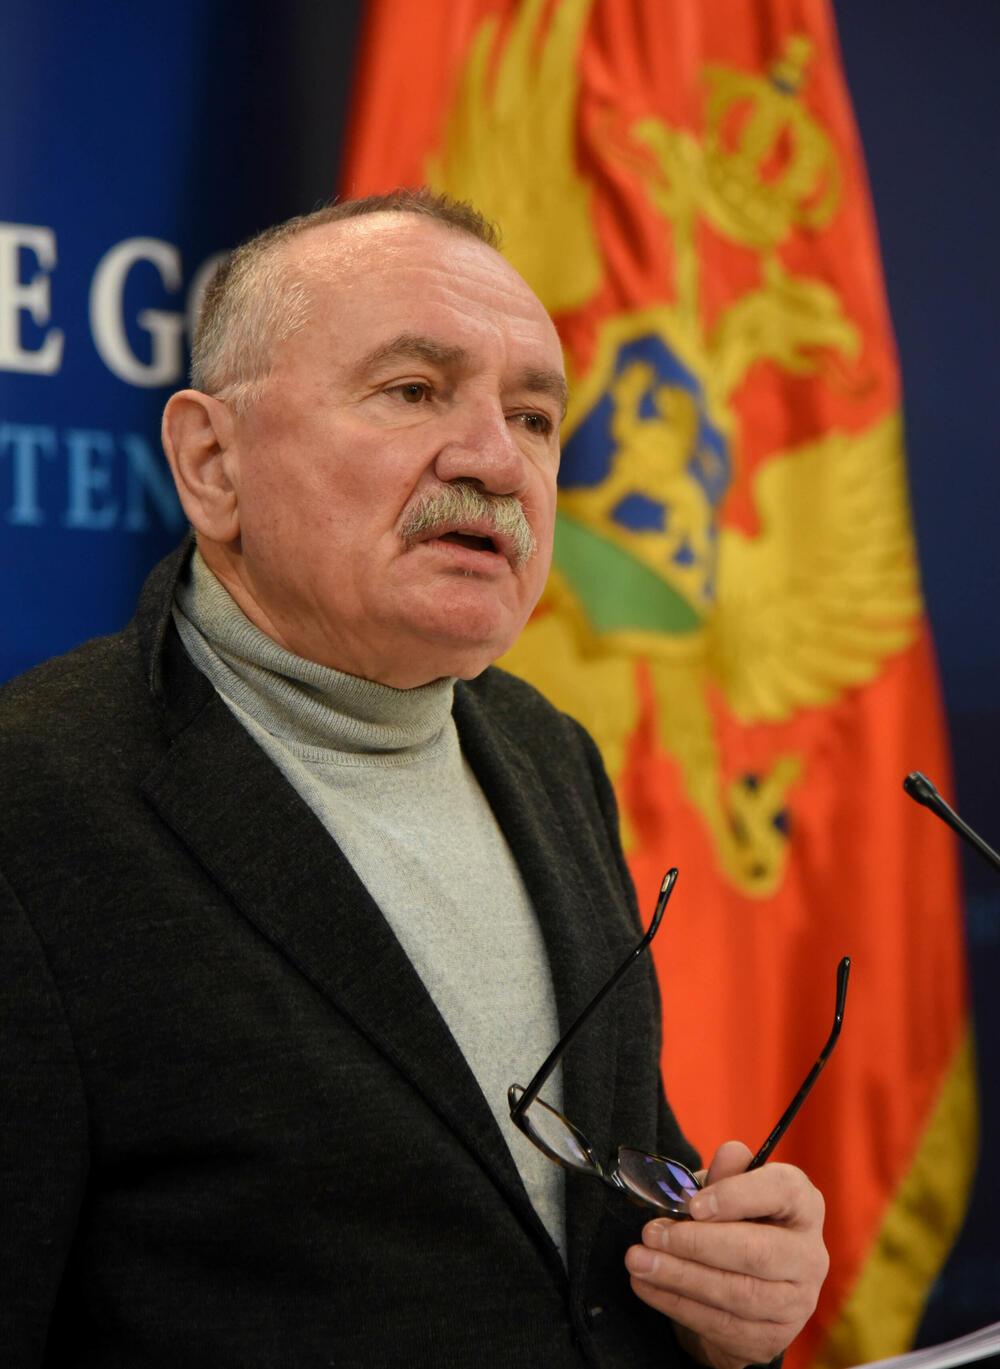 Sastanak od istorijskog značaja: Radulović